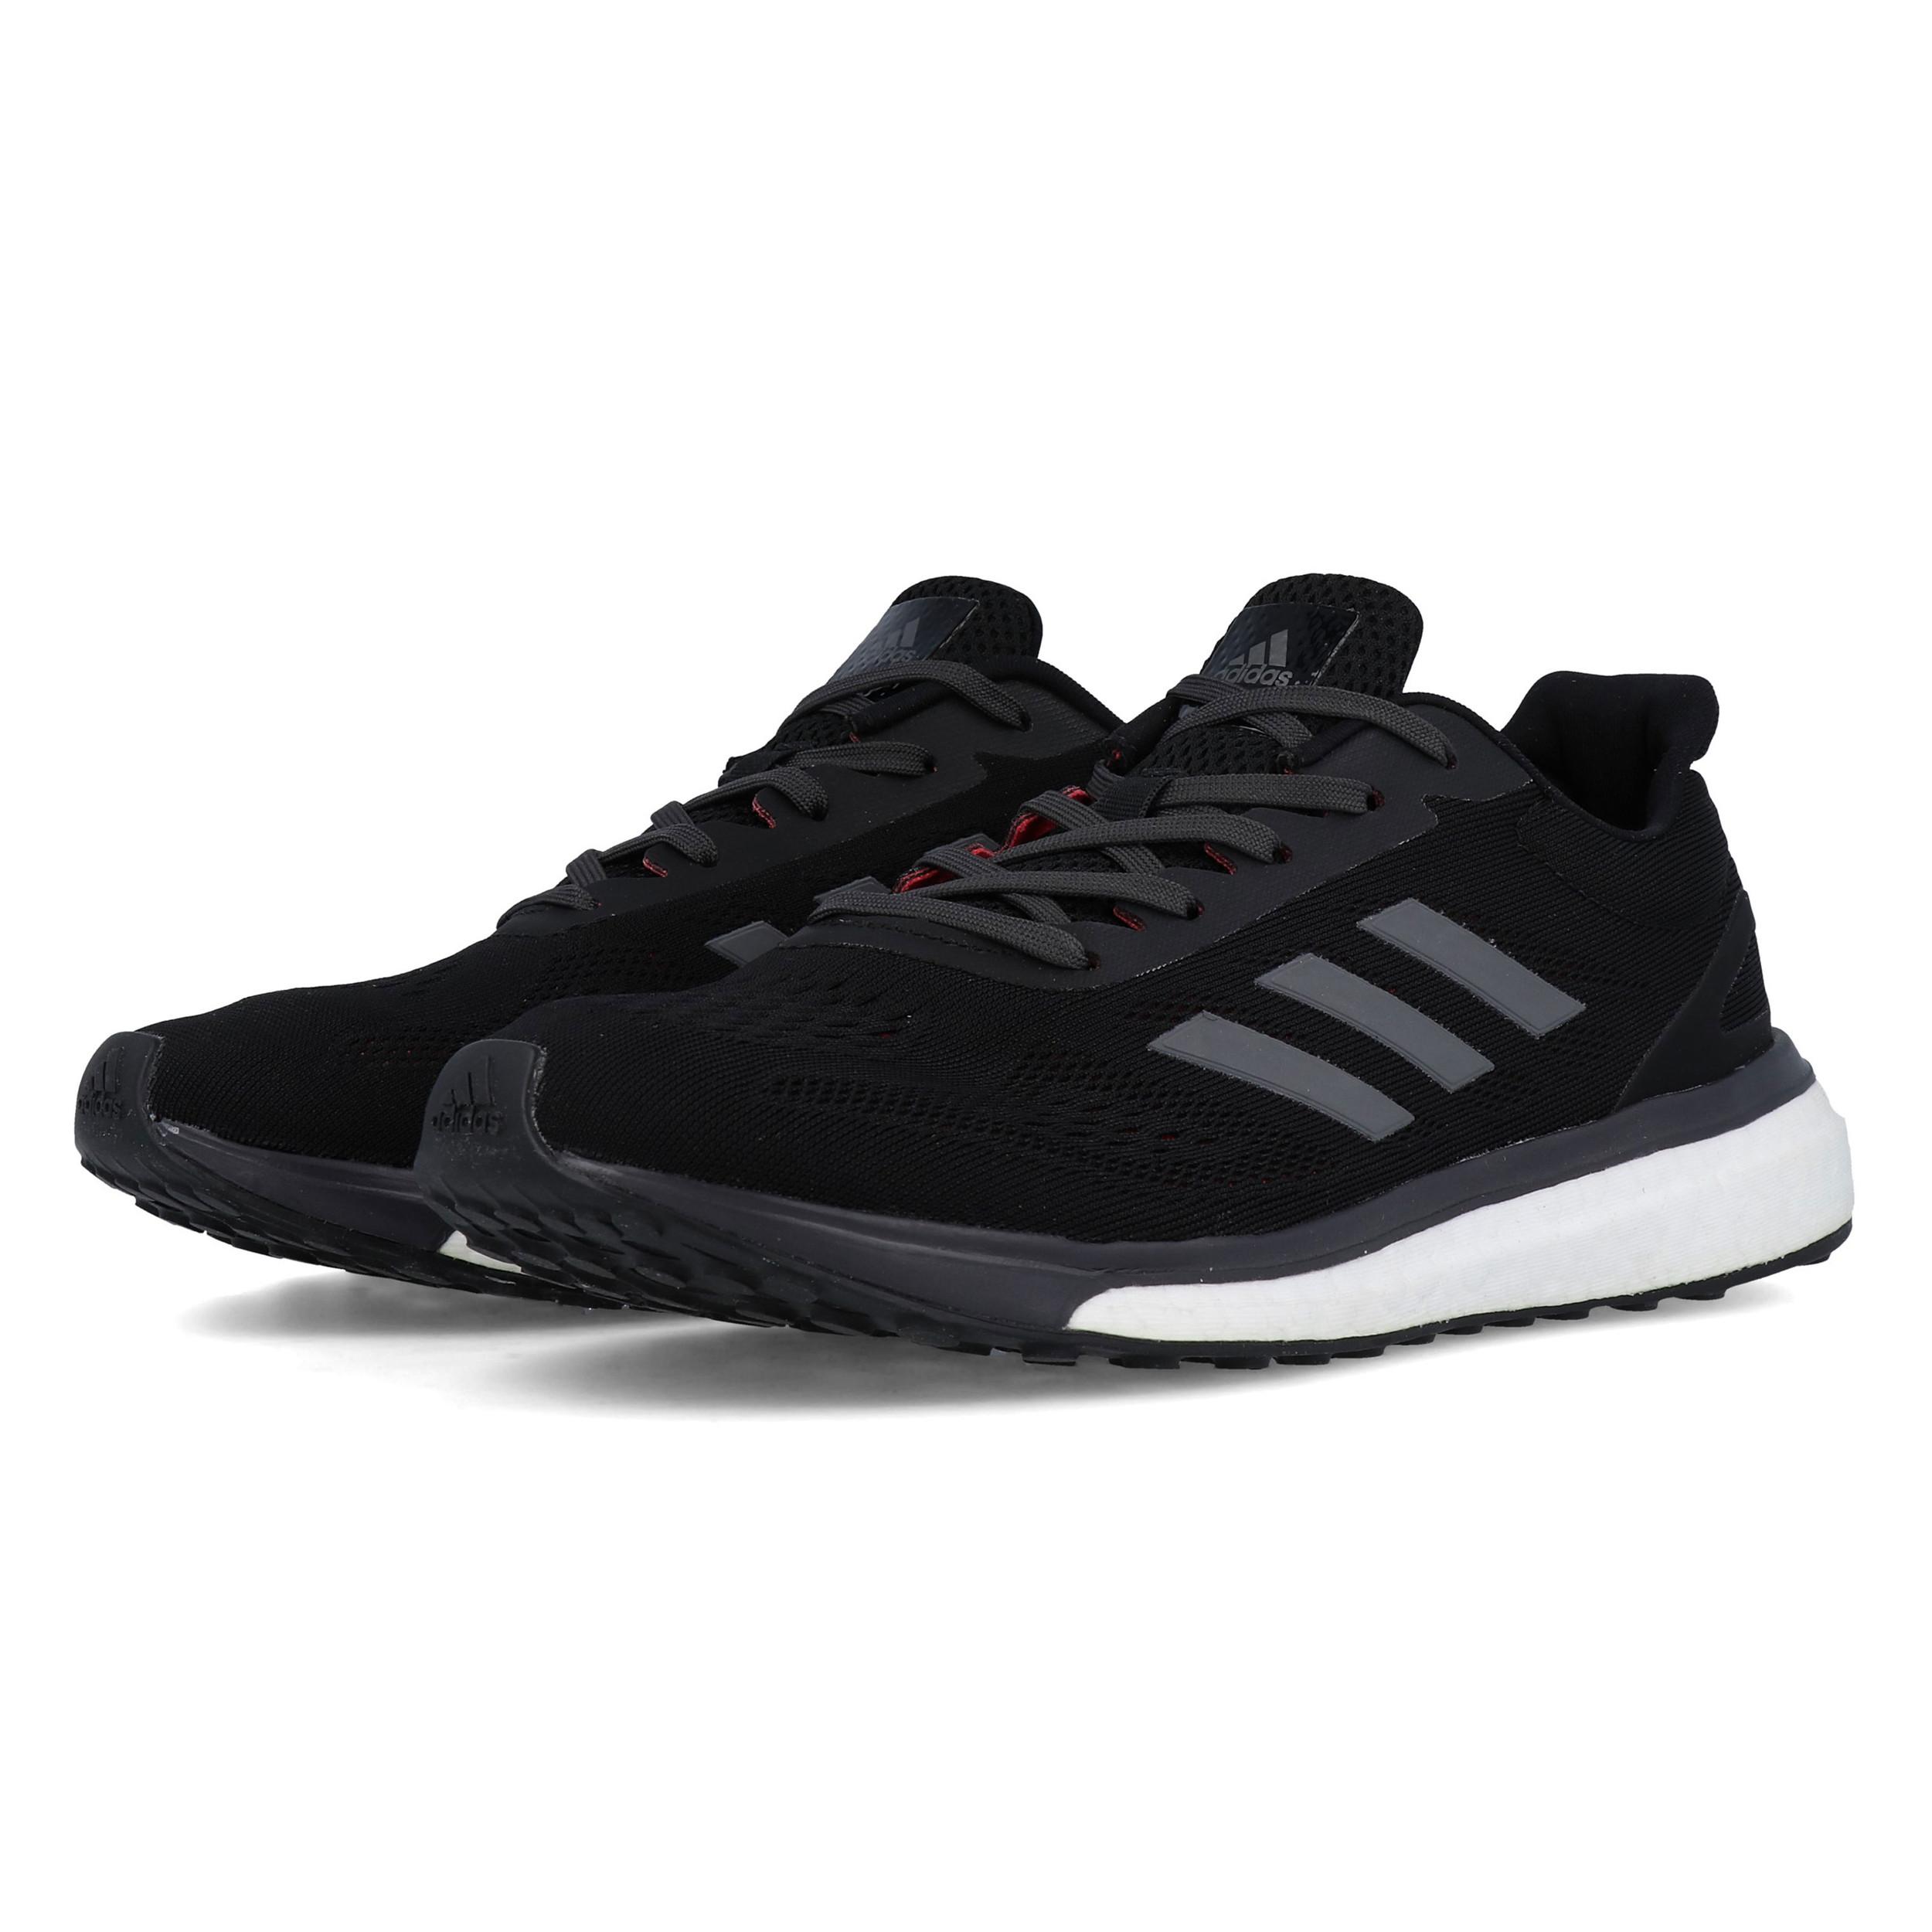 adidas sneaker high, adidas Response Boost 3 Laufschuhe